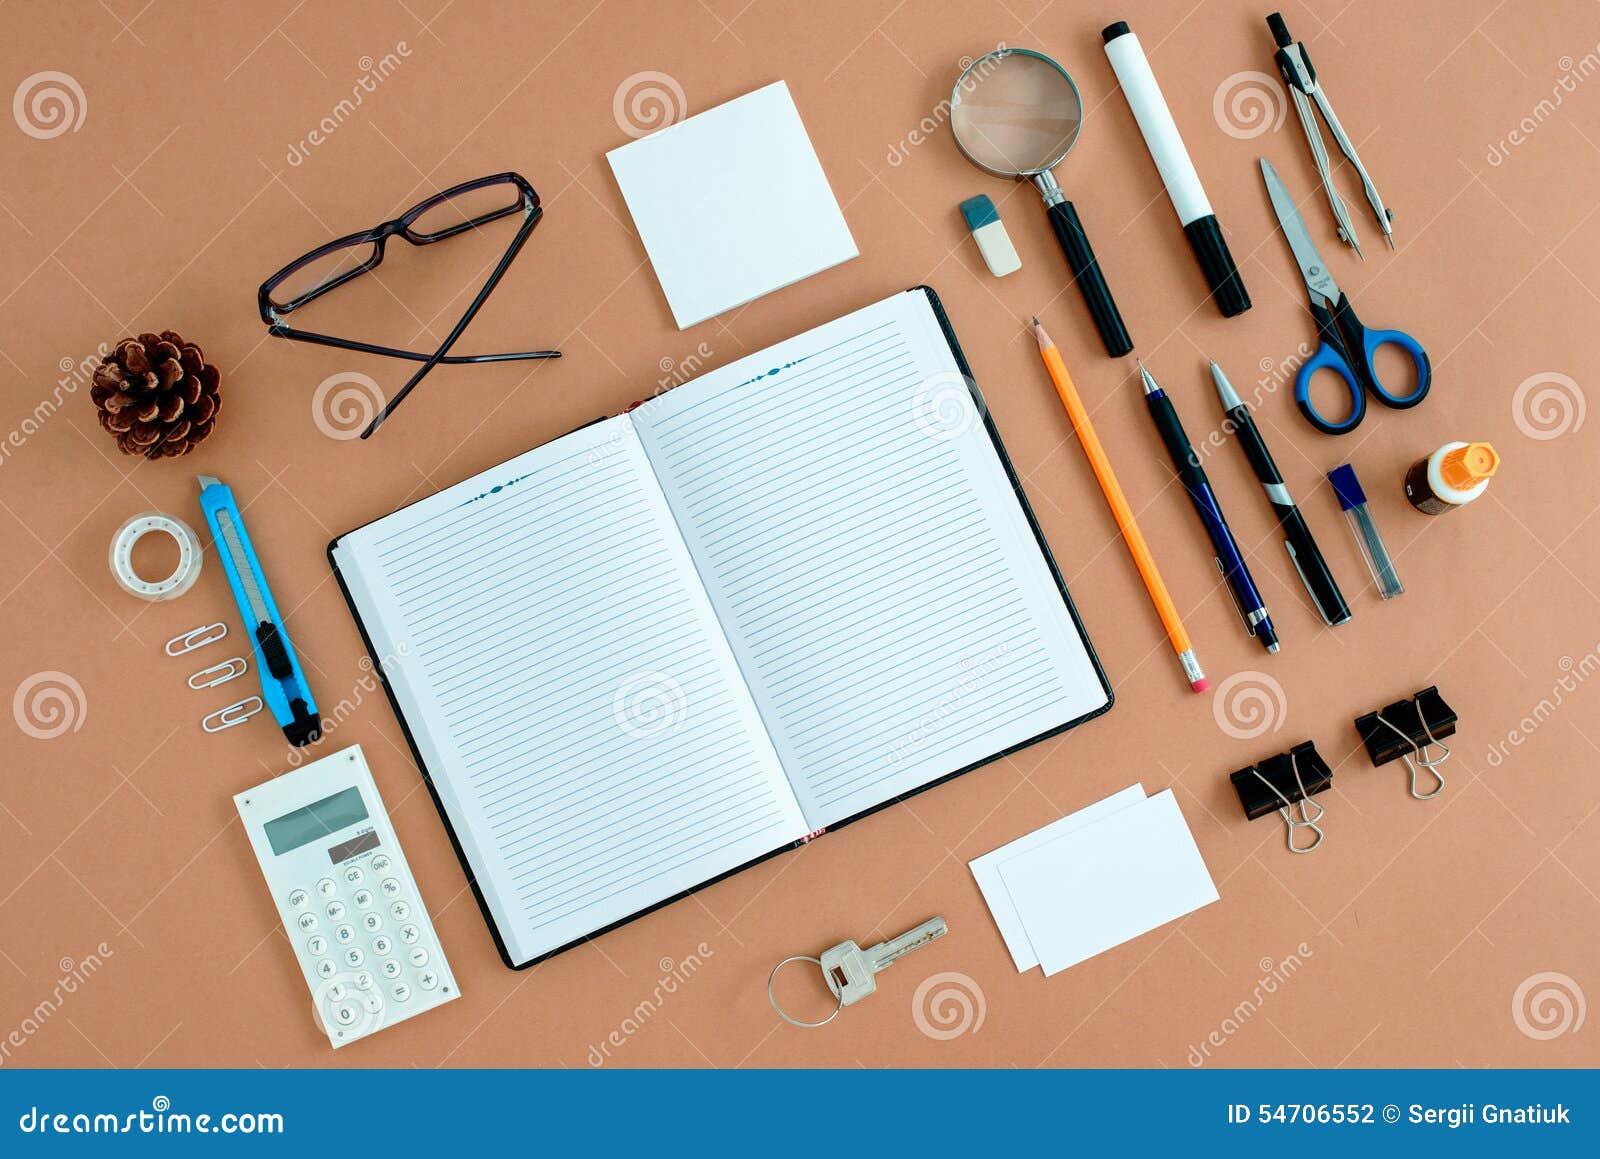 Büroartikel Ordentlich Organisiert Um Notizbuch Stockfoto - Bild von ...